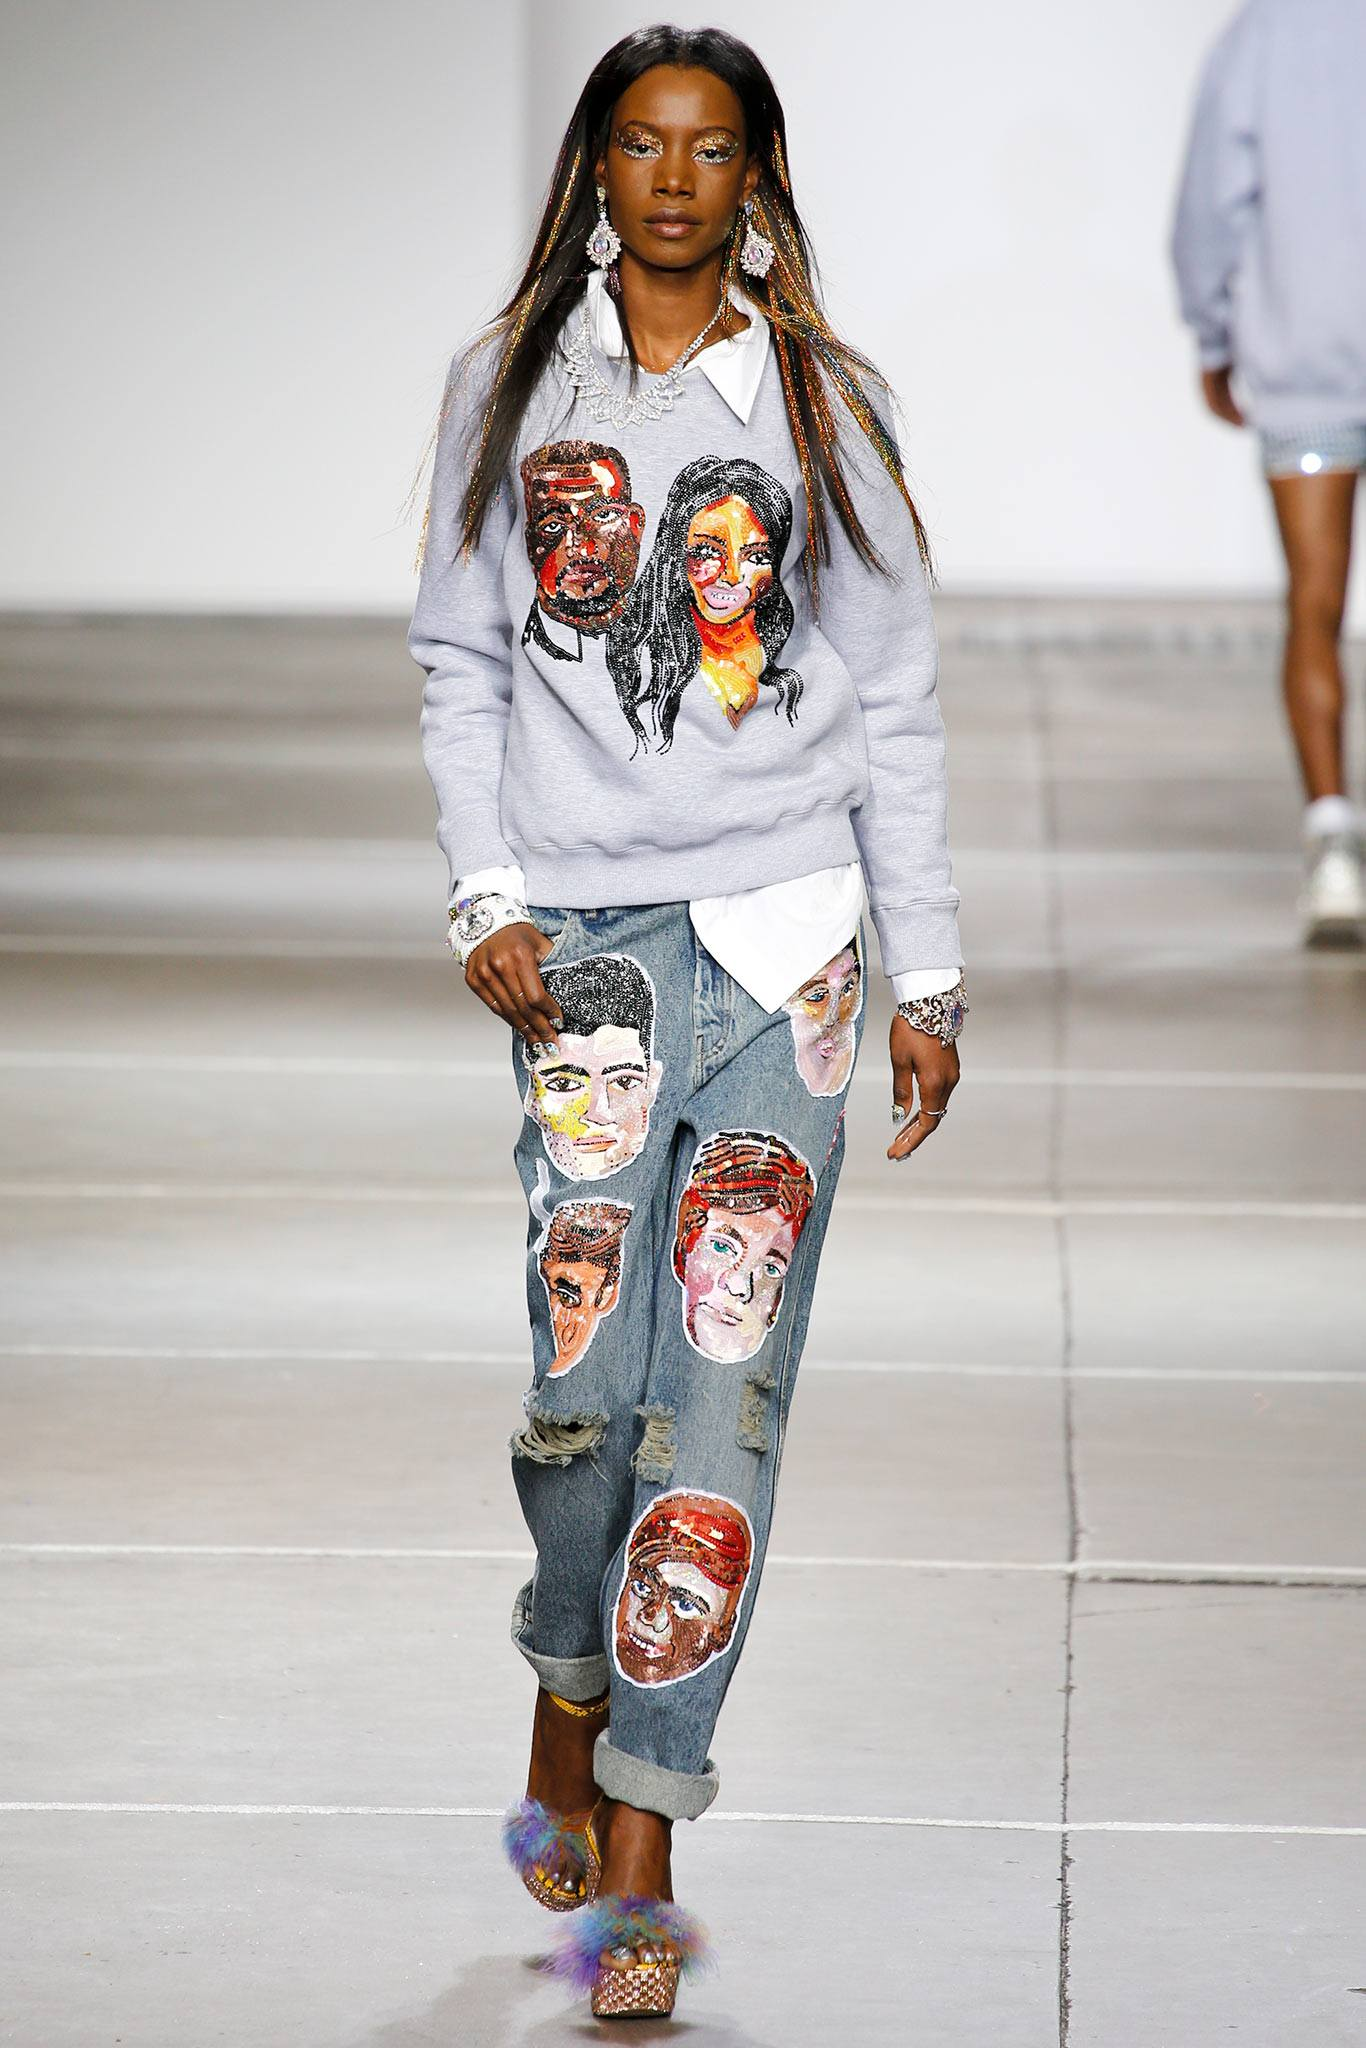 Свитшот – что это за одежда, важные критерии выбора, брендовые модели